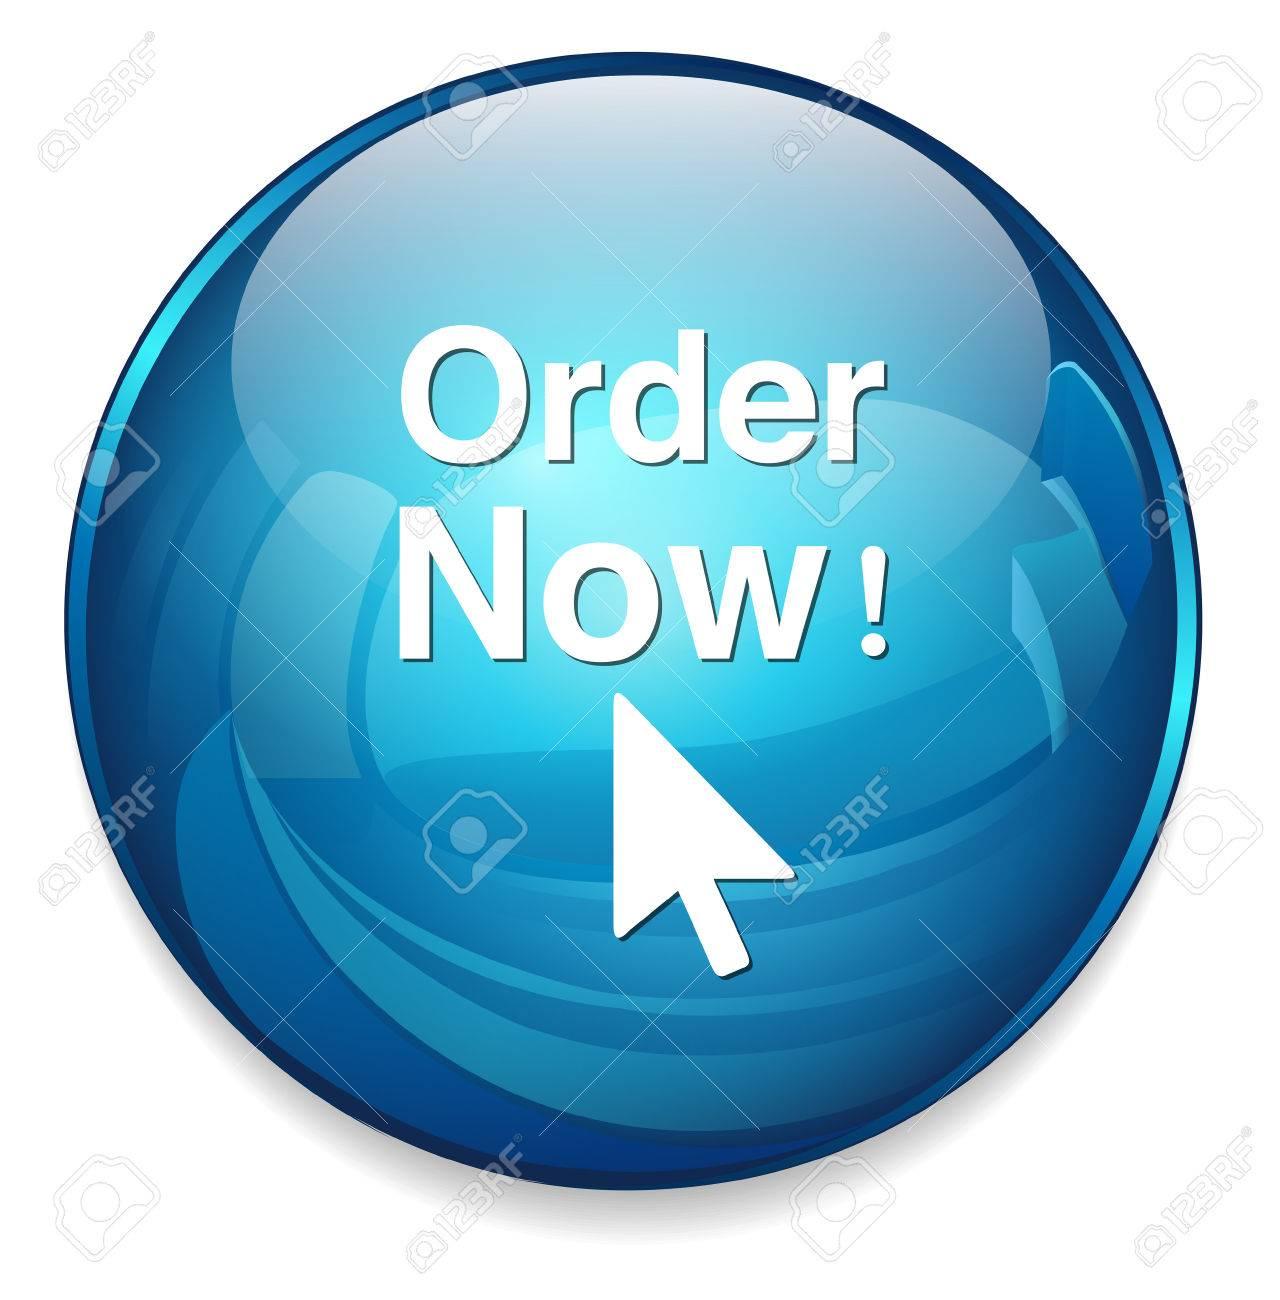 Order Now Button Stock Vector - 41445235-Order now button Stock Vector - 41445235-16